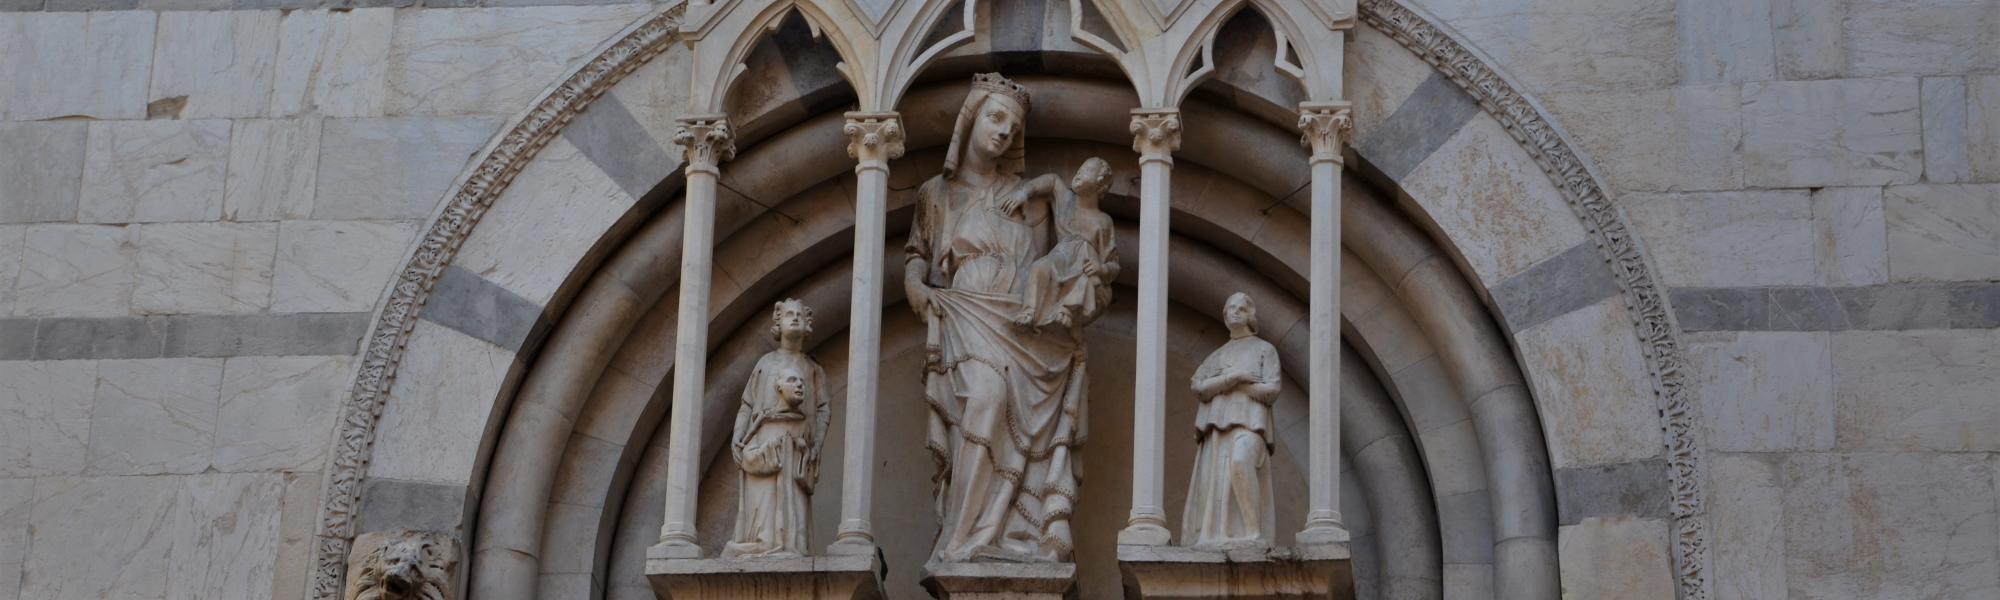 Particolare chiesa di San Michele in Borgo (L. Corevi, Comune di Pisa)